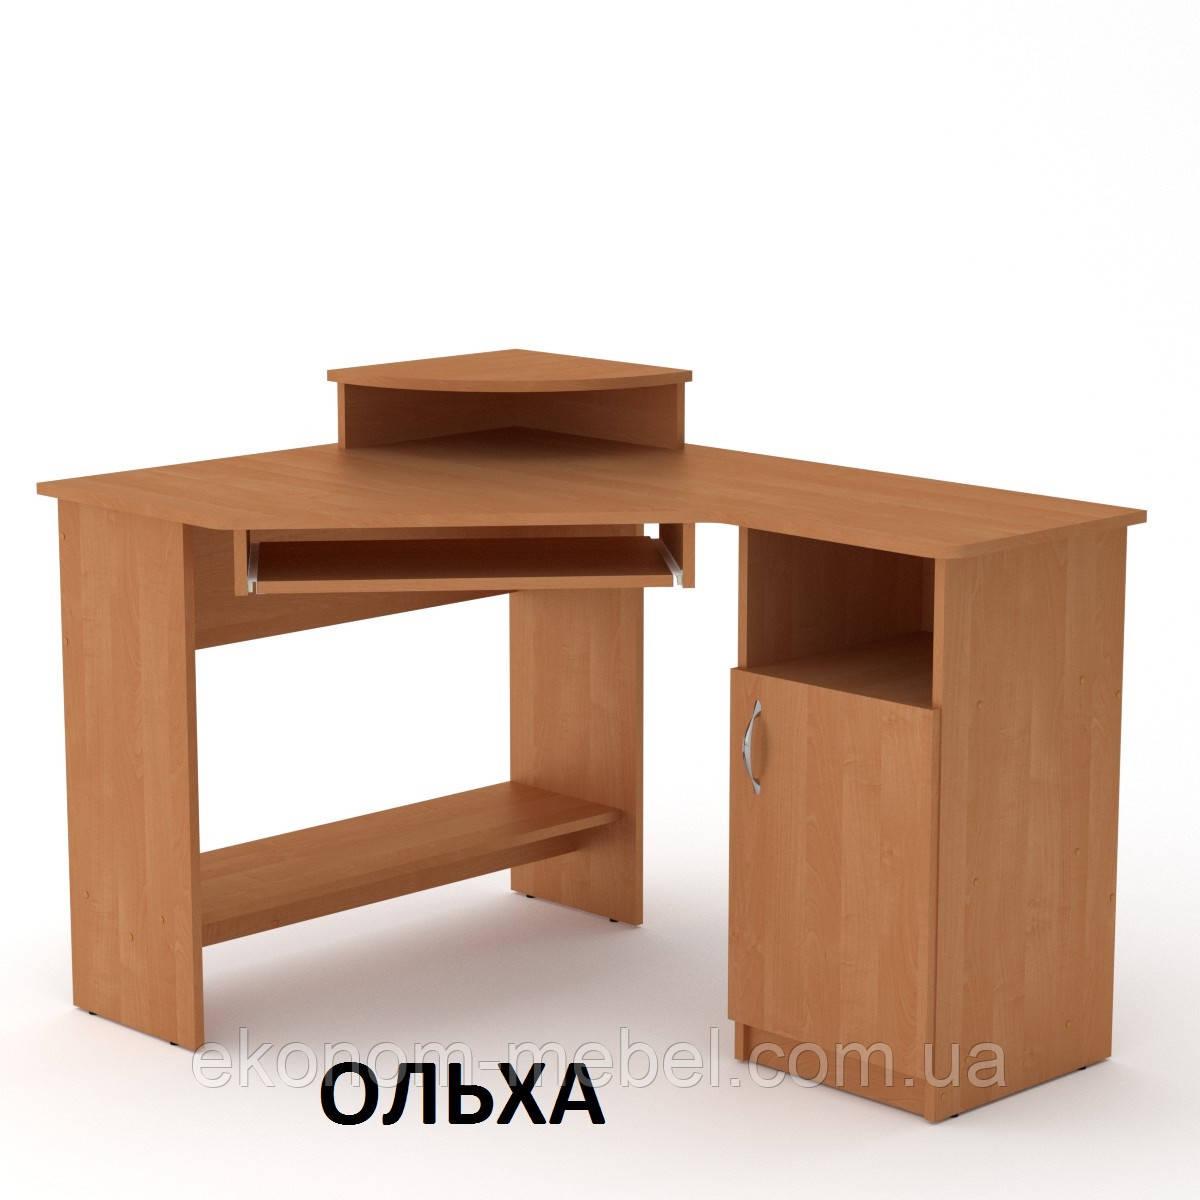 Угловой компьютерный стол СУ-1 для дома и офиса, стандартный